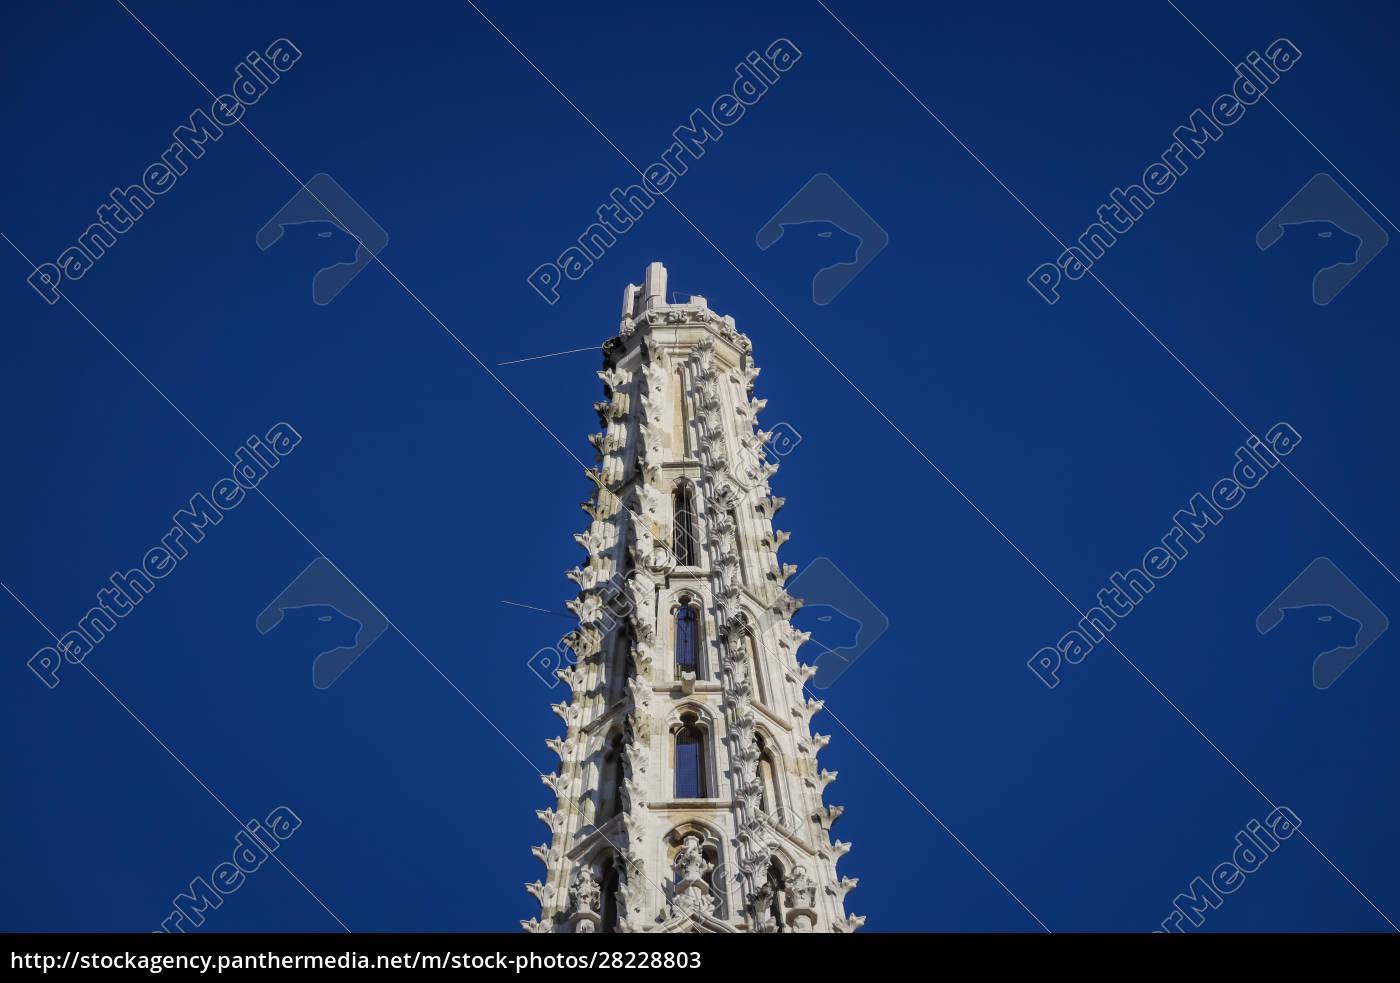 zagreb, von, erdbebengeschädigter, kathedrale, getroffen - 28228803